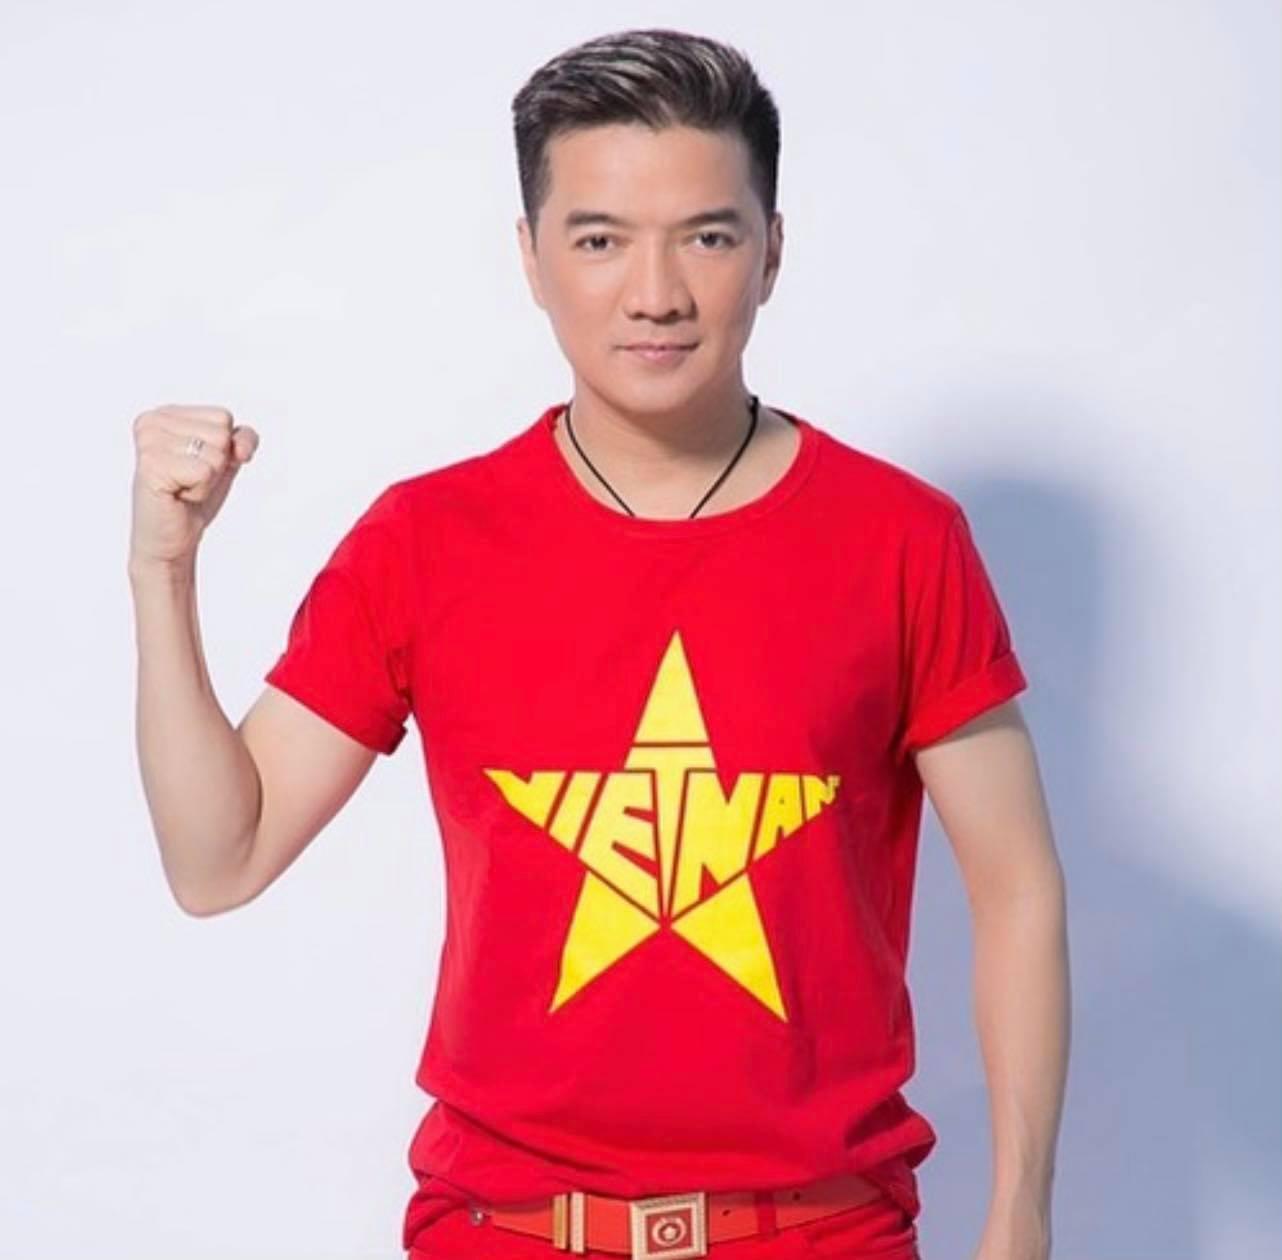 Đàm Vĩnh Hưng hy vọng Việt Nam sớm chiến thắng đại dịch.